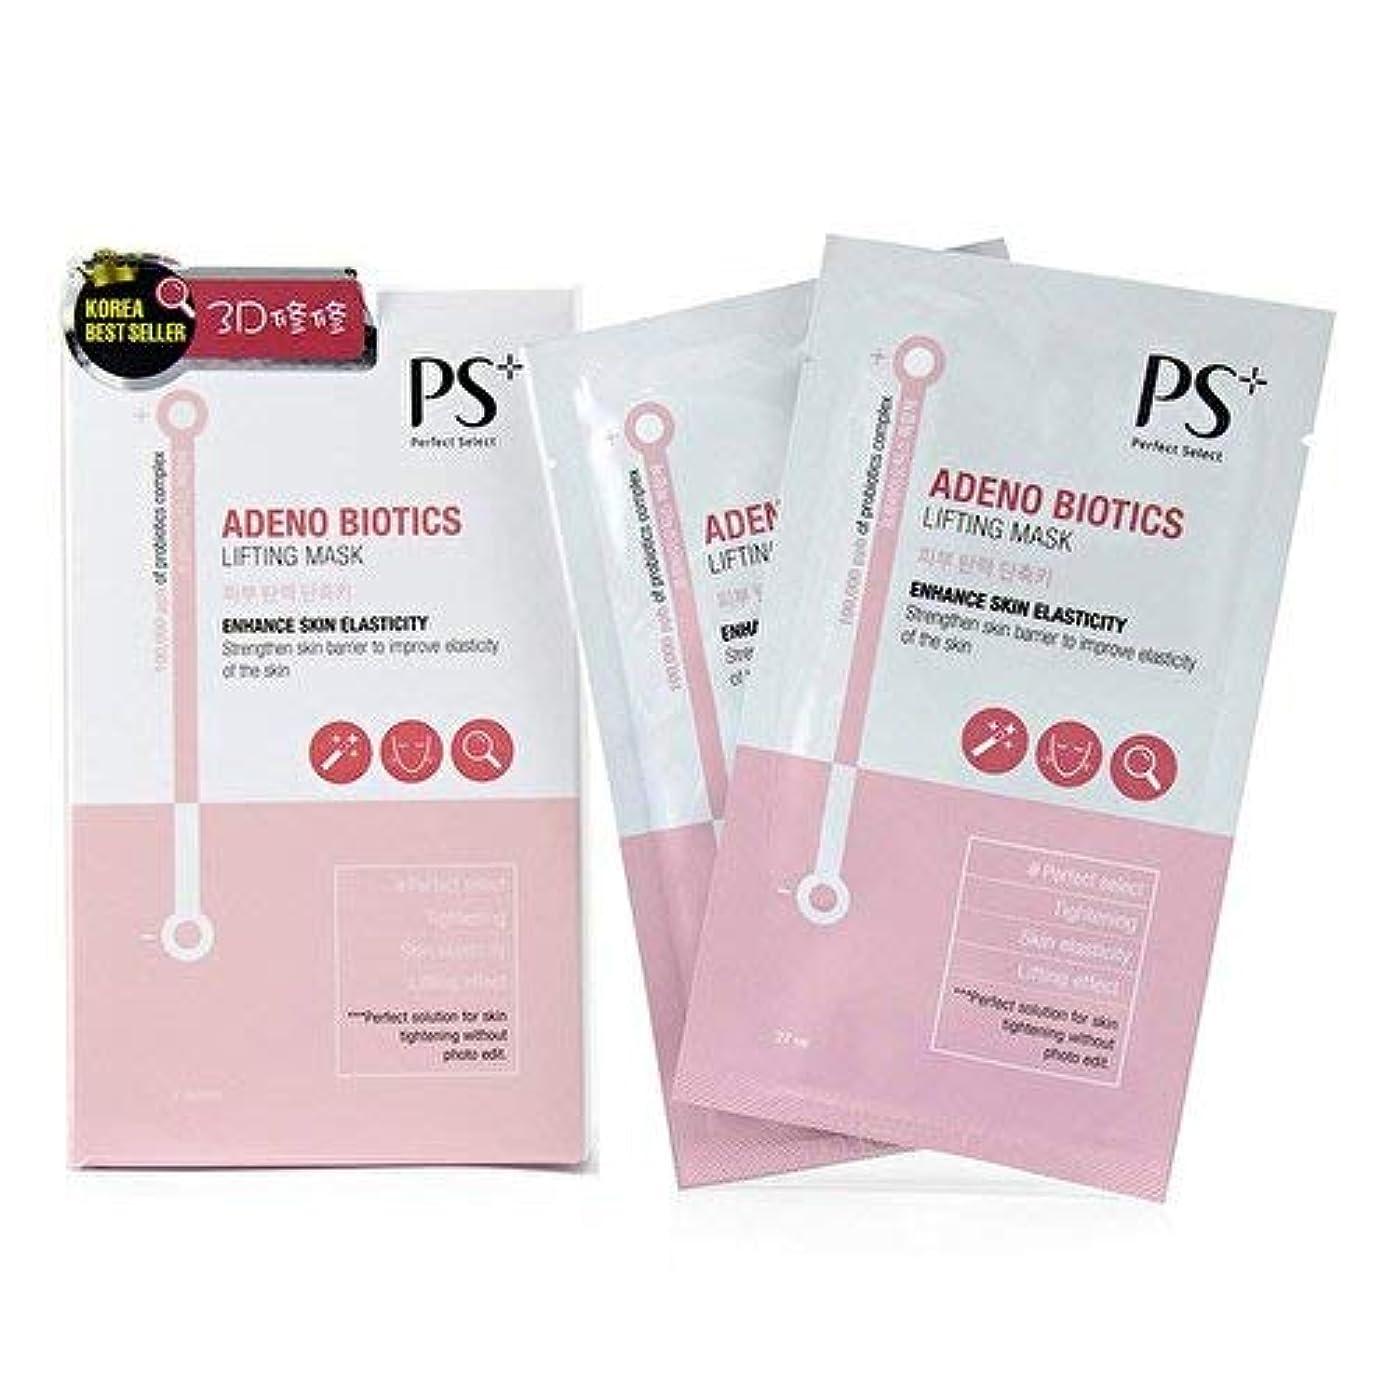 中国シルクいつでもPS Perfect Select Adeno Biotics Lifting Mask - Enhance Skin Elasticity 7pcs並行輸入品